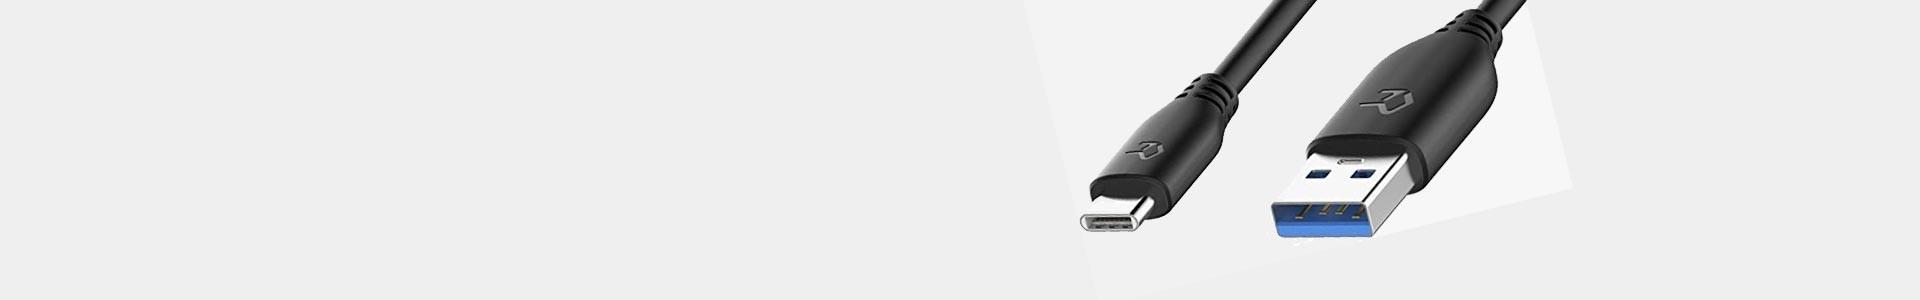 Conectores USB para aplicaciones profesionales - Avacab